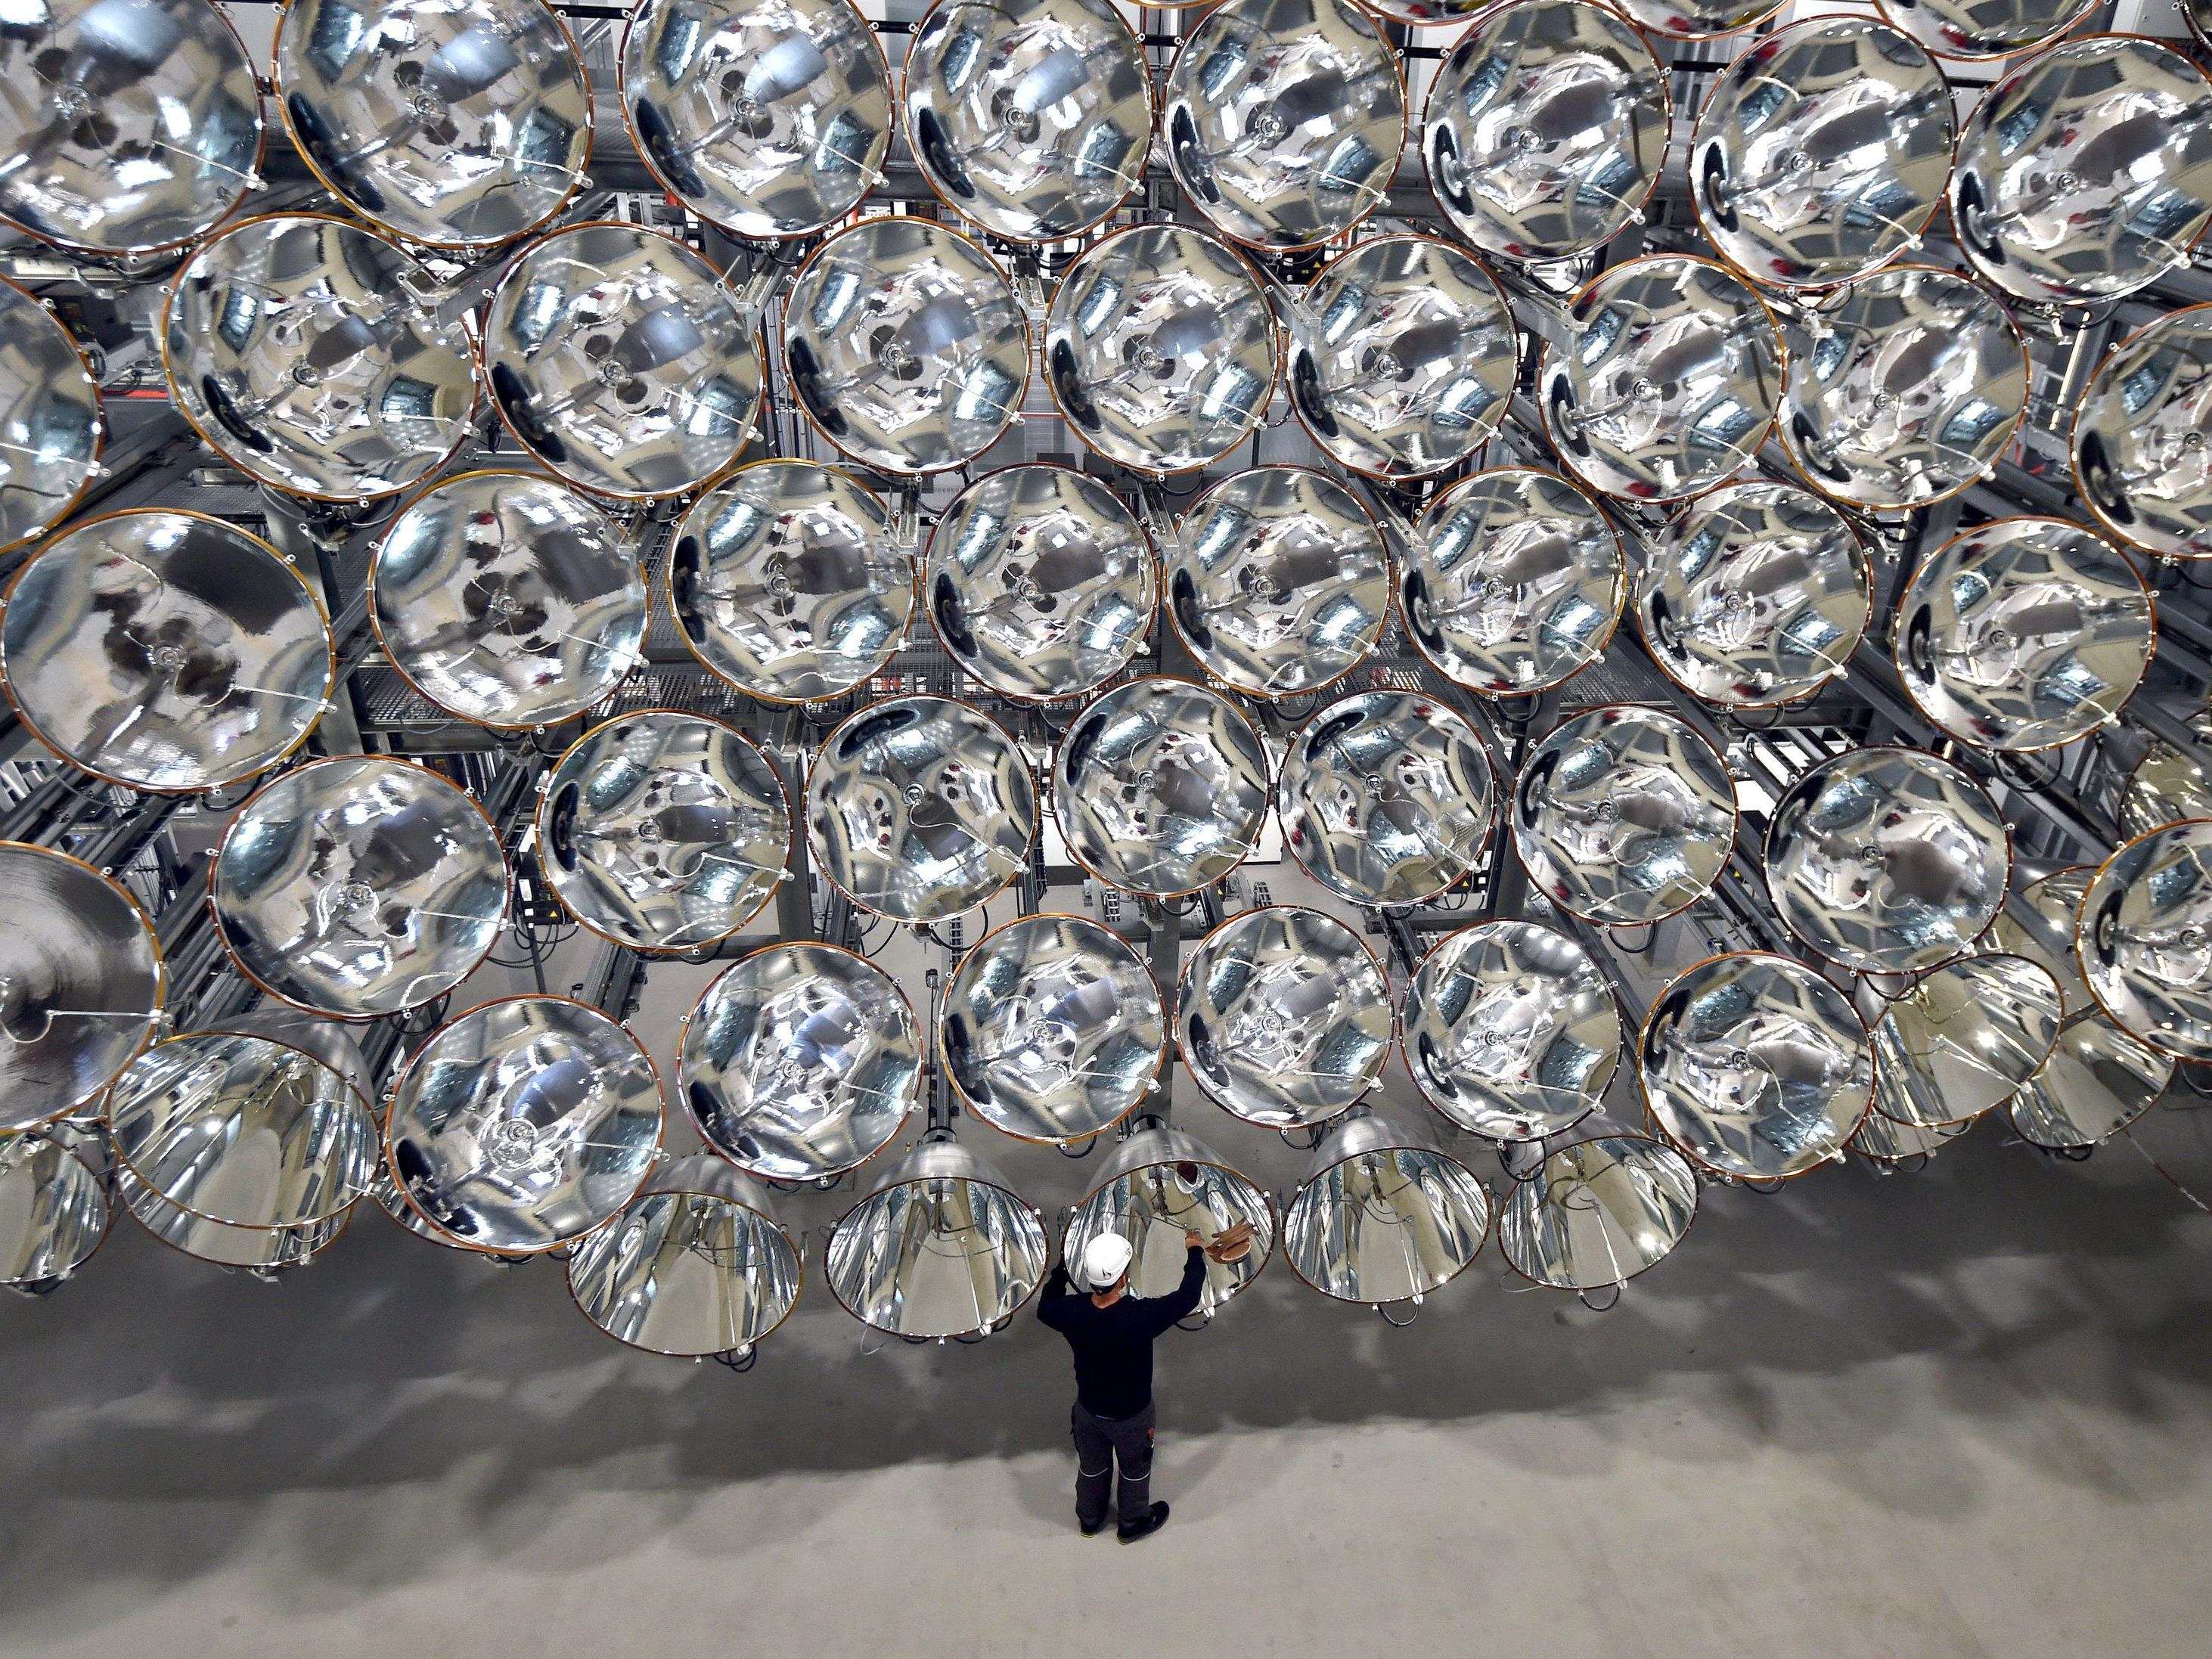 Für die Entwicklung von Techniken zur Treibstoff-Produktion mit Sonnenlicht haben Wissenschafter in Jülich bei Aachen eine große künstliche Sonne gebaut.